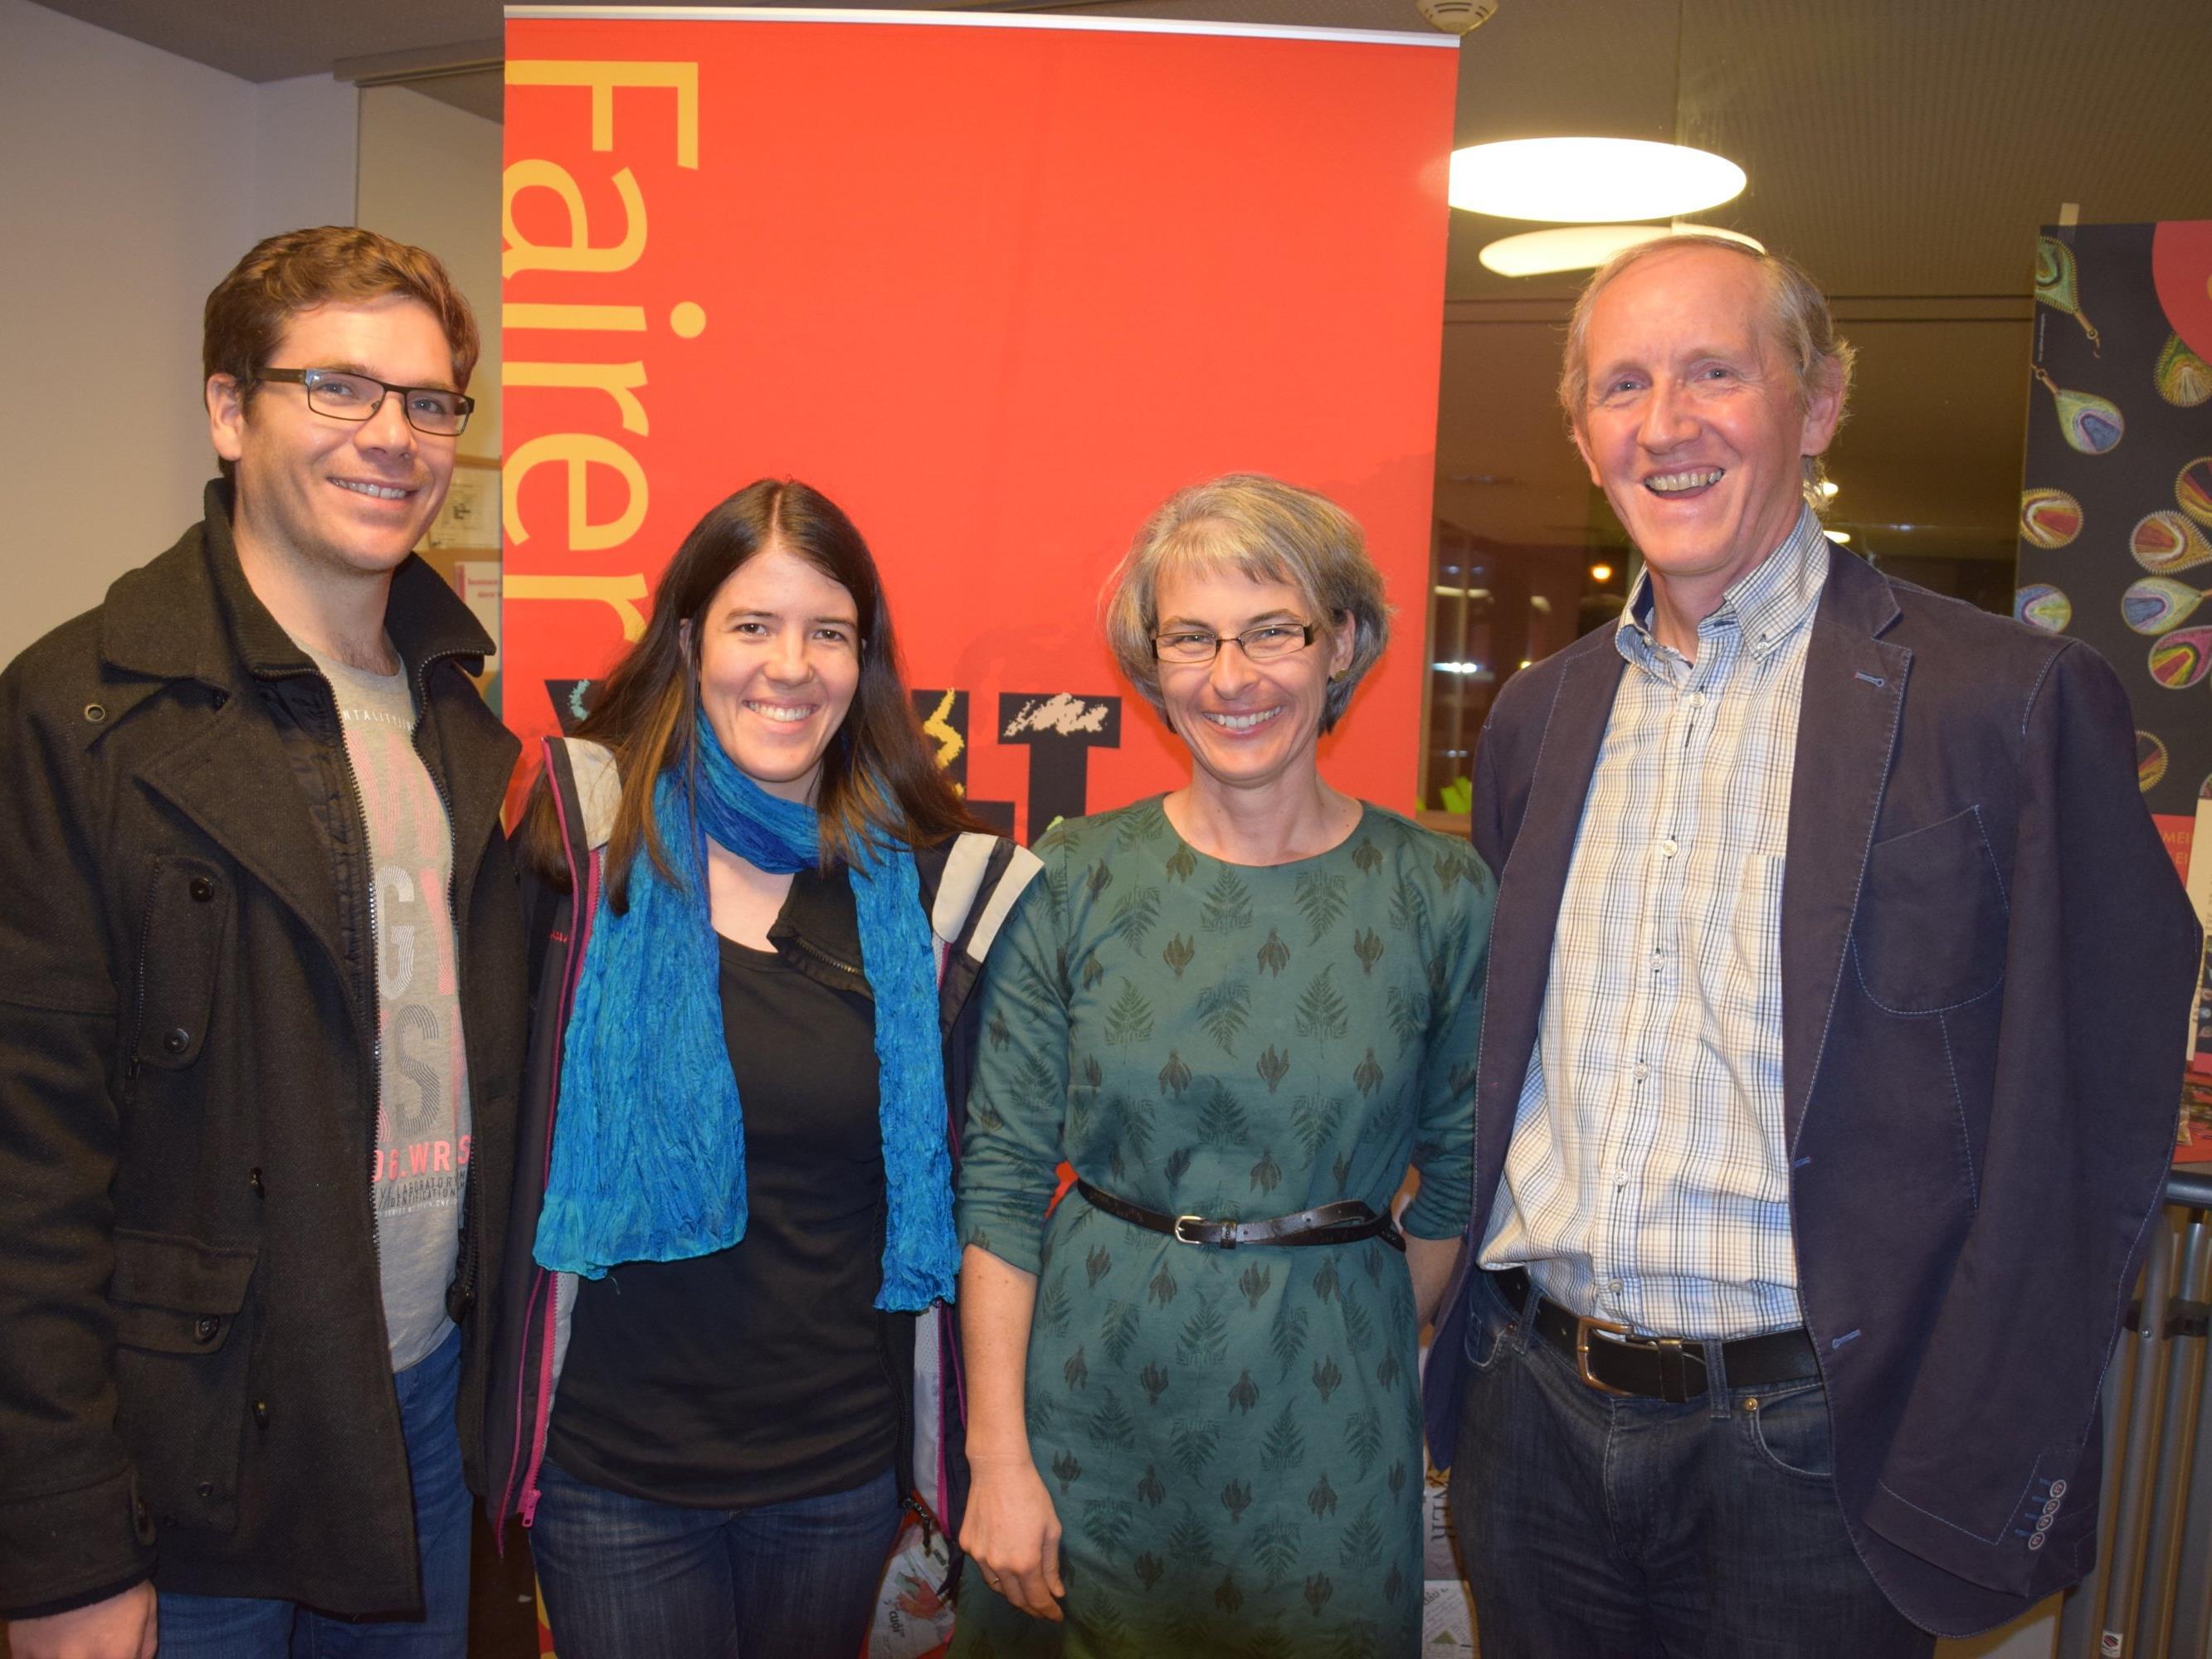 Feierten den 10. Geburtstag des Weltladen Götzis: v.l. Ludwig und Angelika De Clercq, Beate Scheier und Obmann Elmar Weissenbach